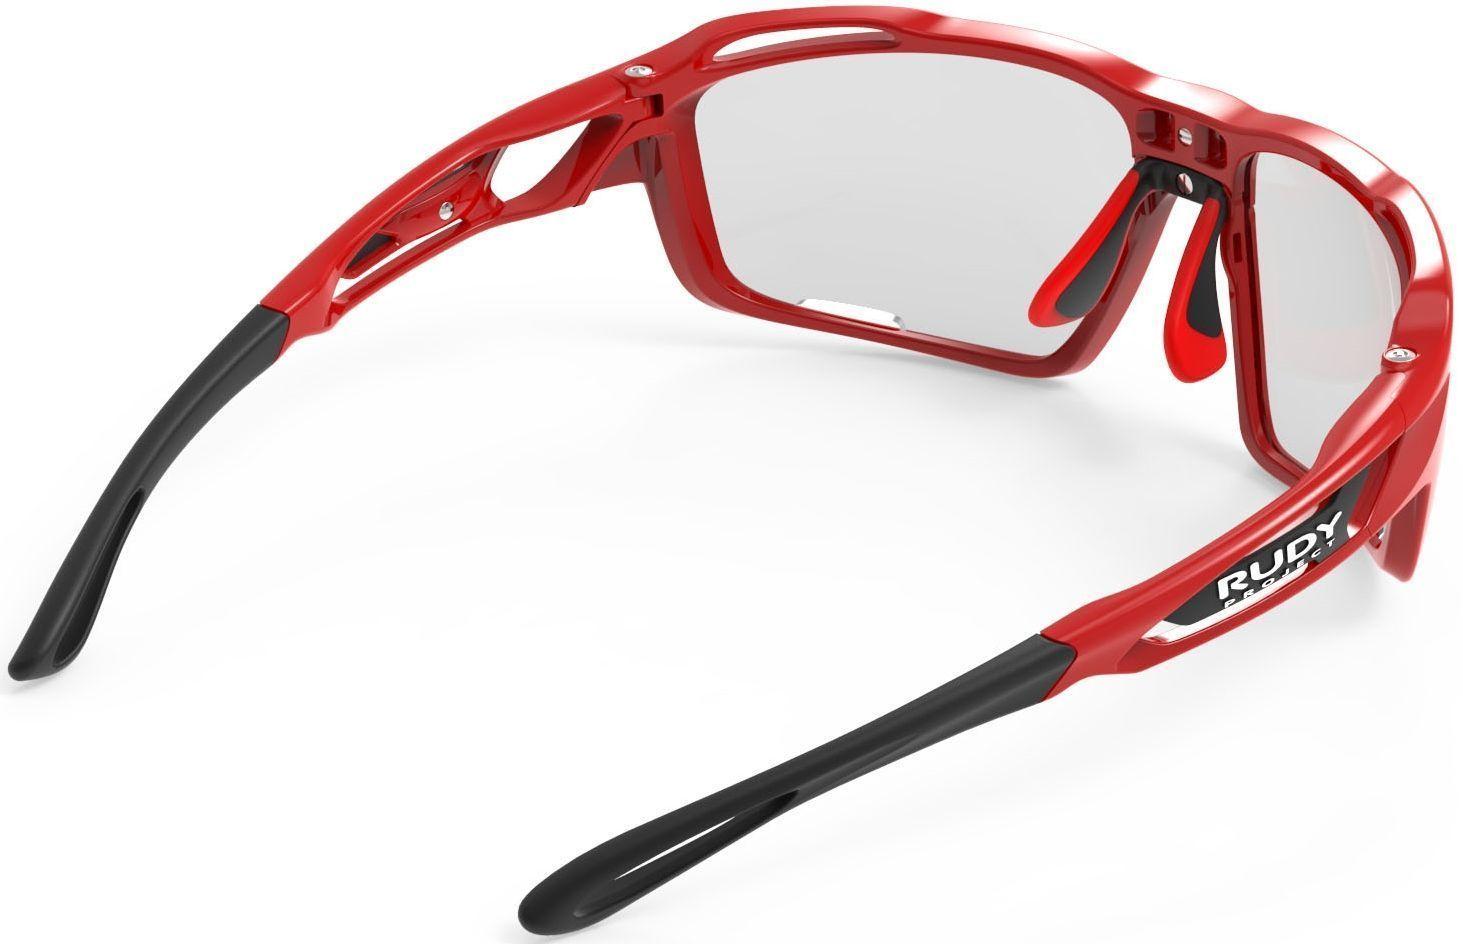 e07716d5680 ... Sluneční brýle Rudy Project Sintryx - Fire Red Gloss Impactx  Photochromic 2Black ...